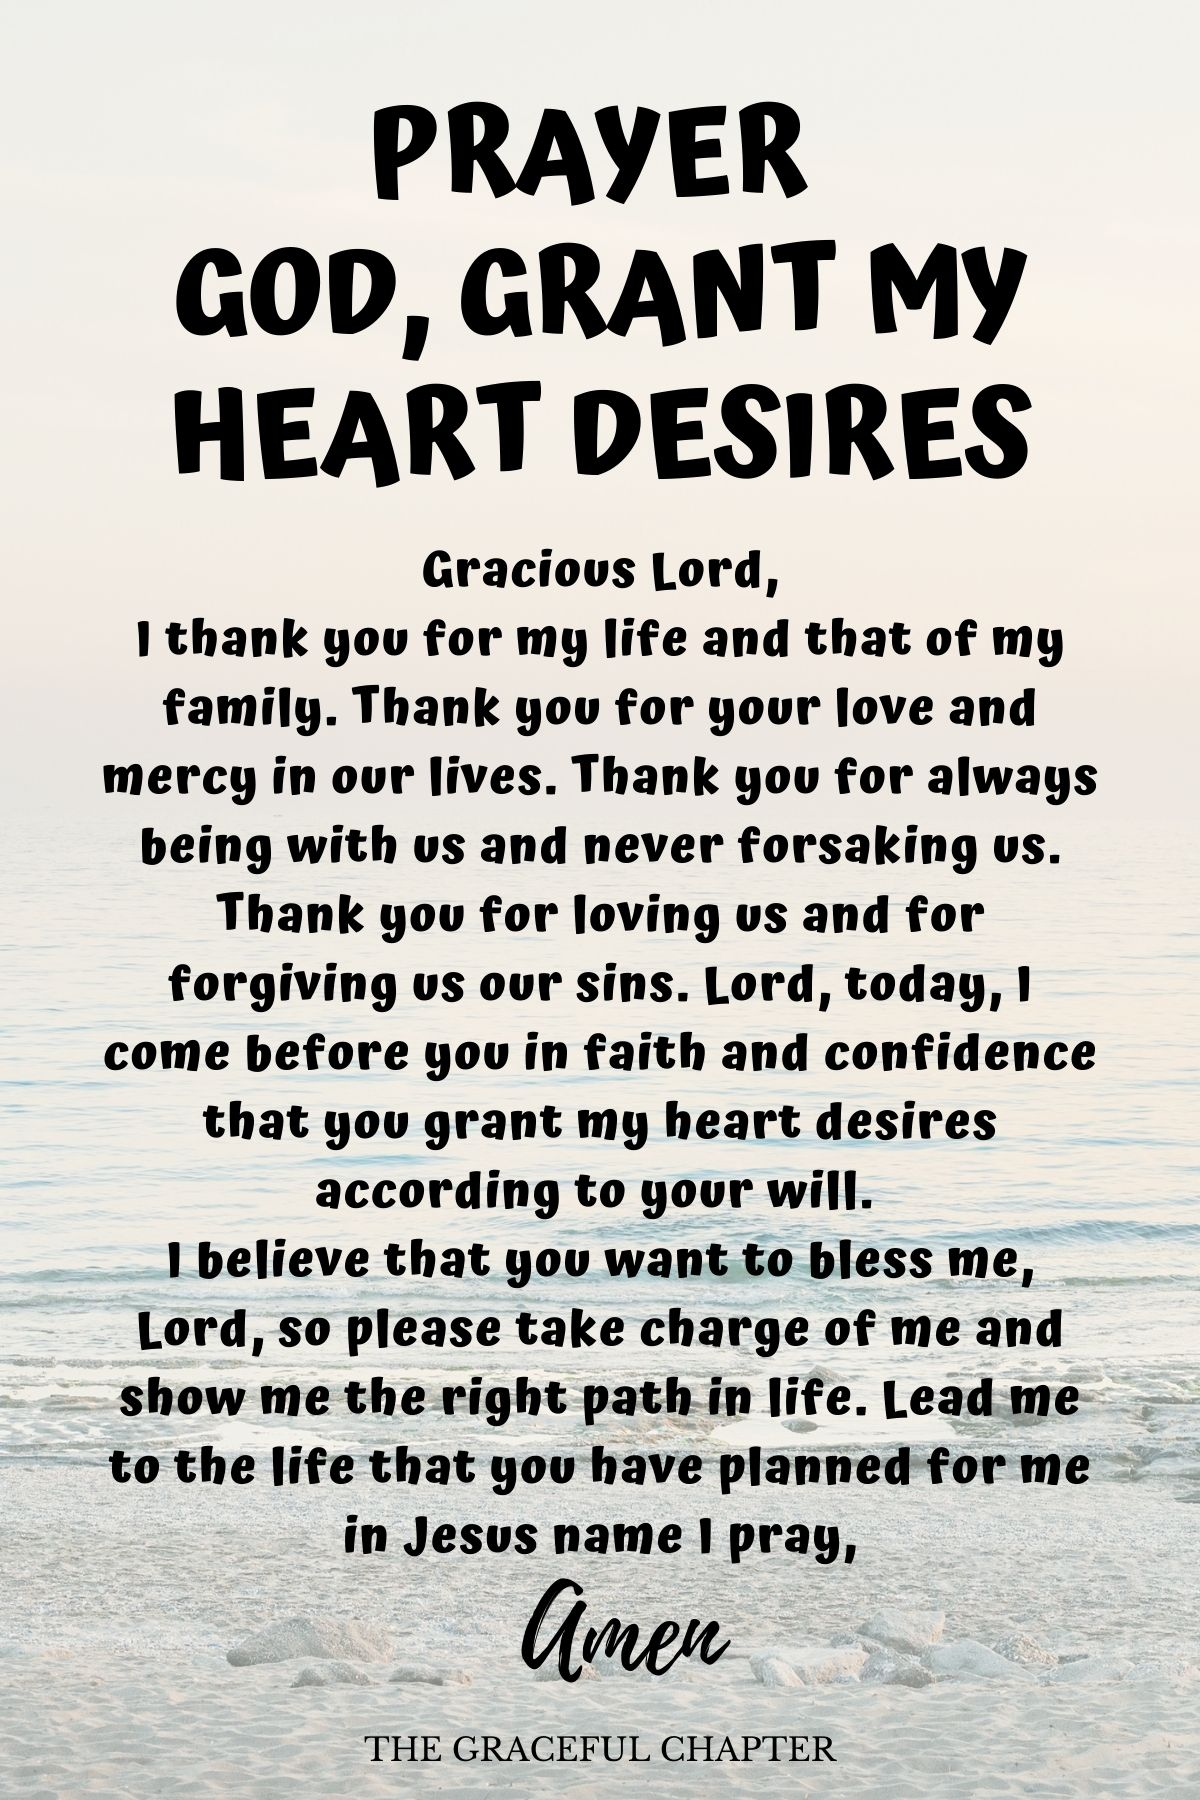 Prayer for my heart desires